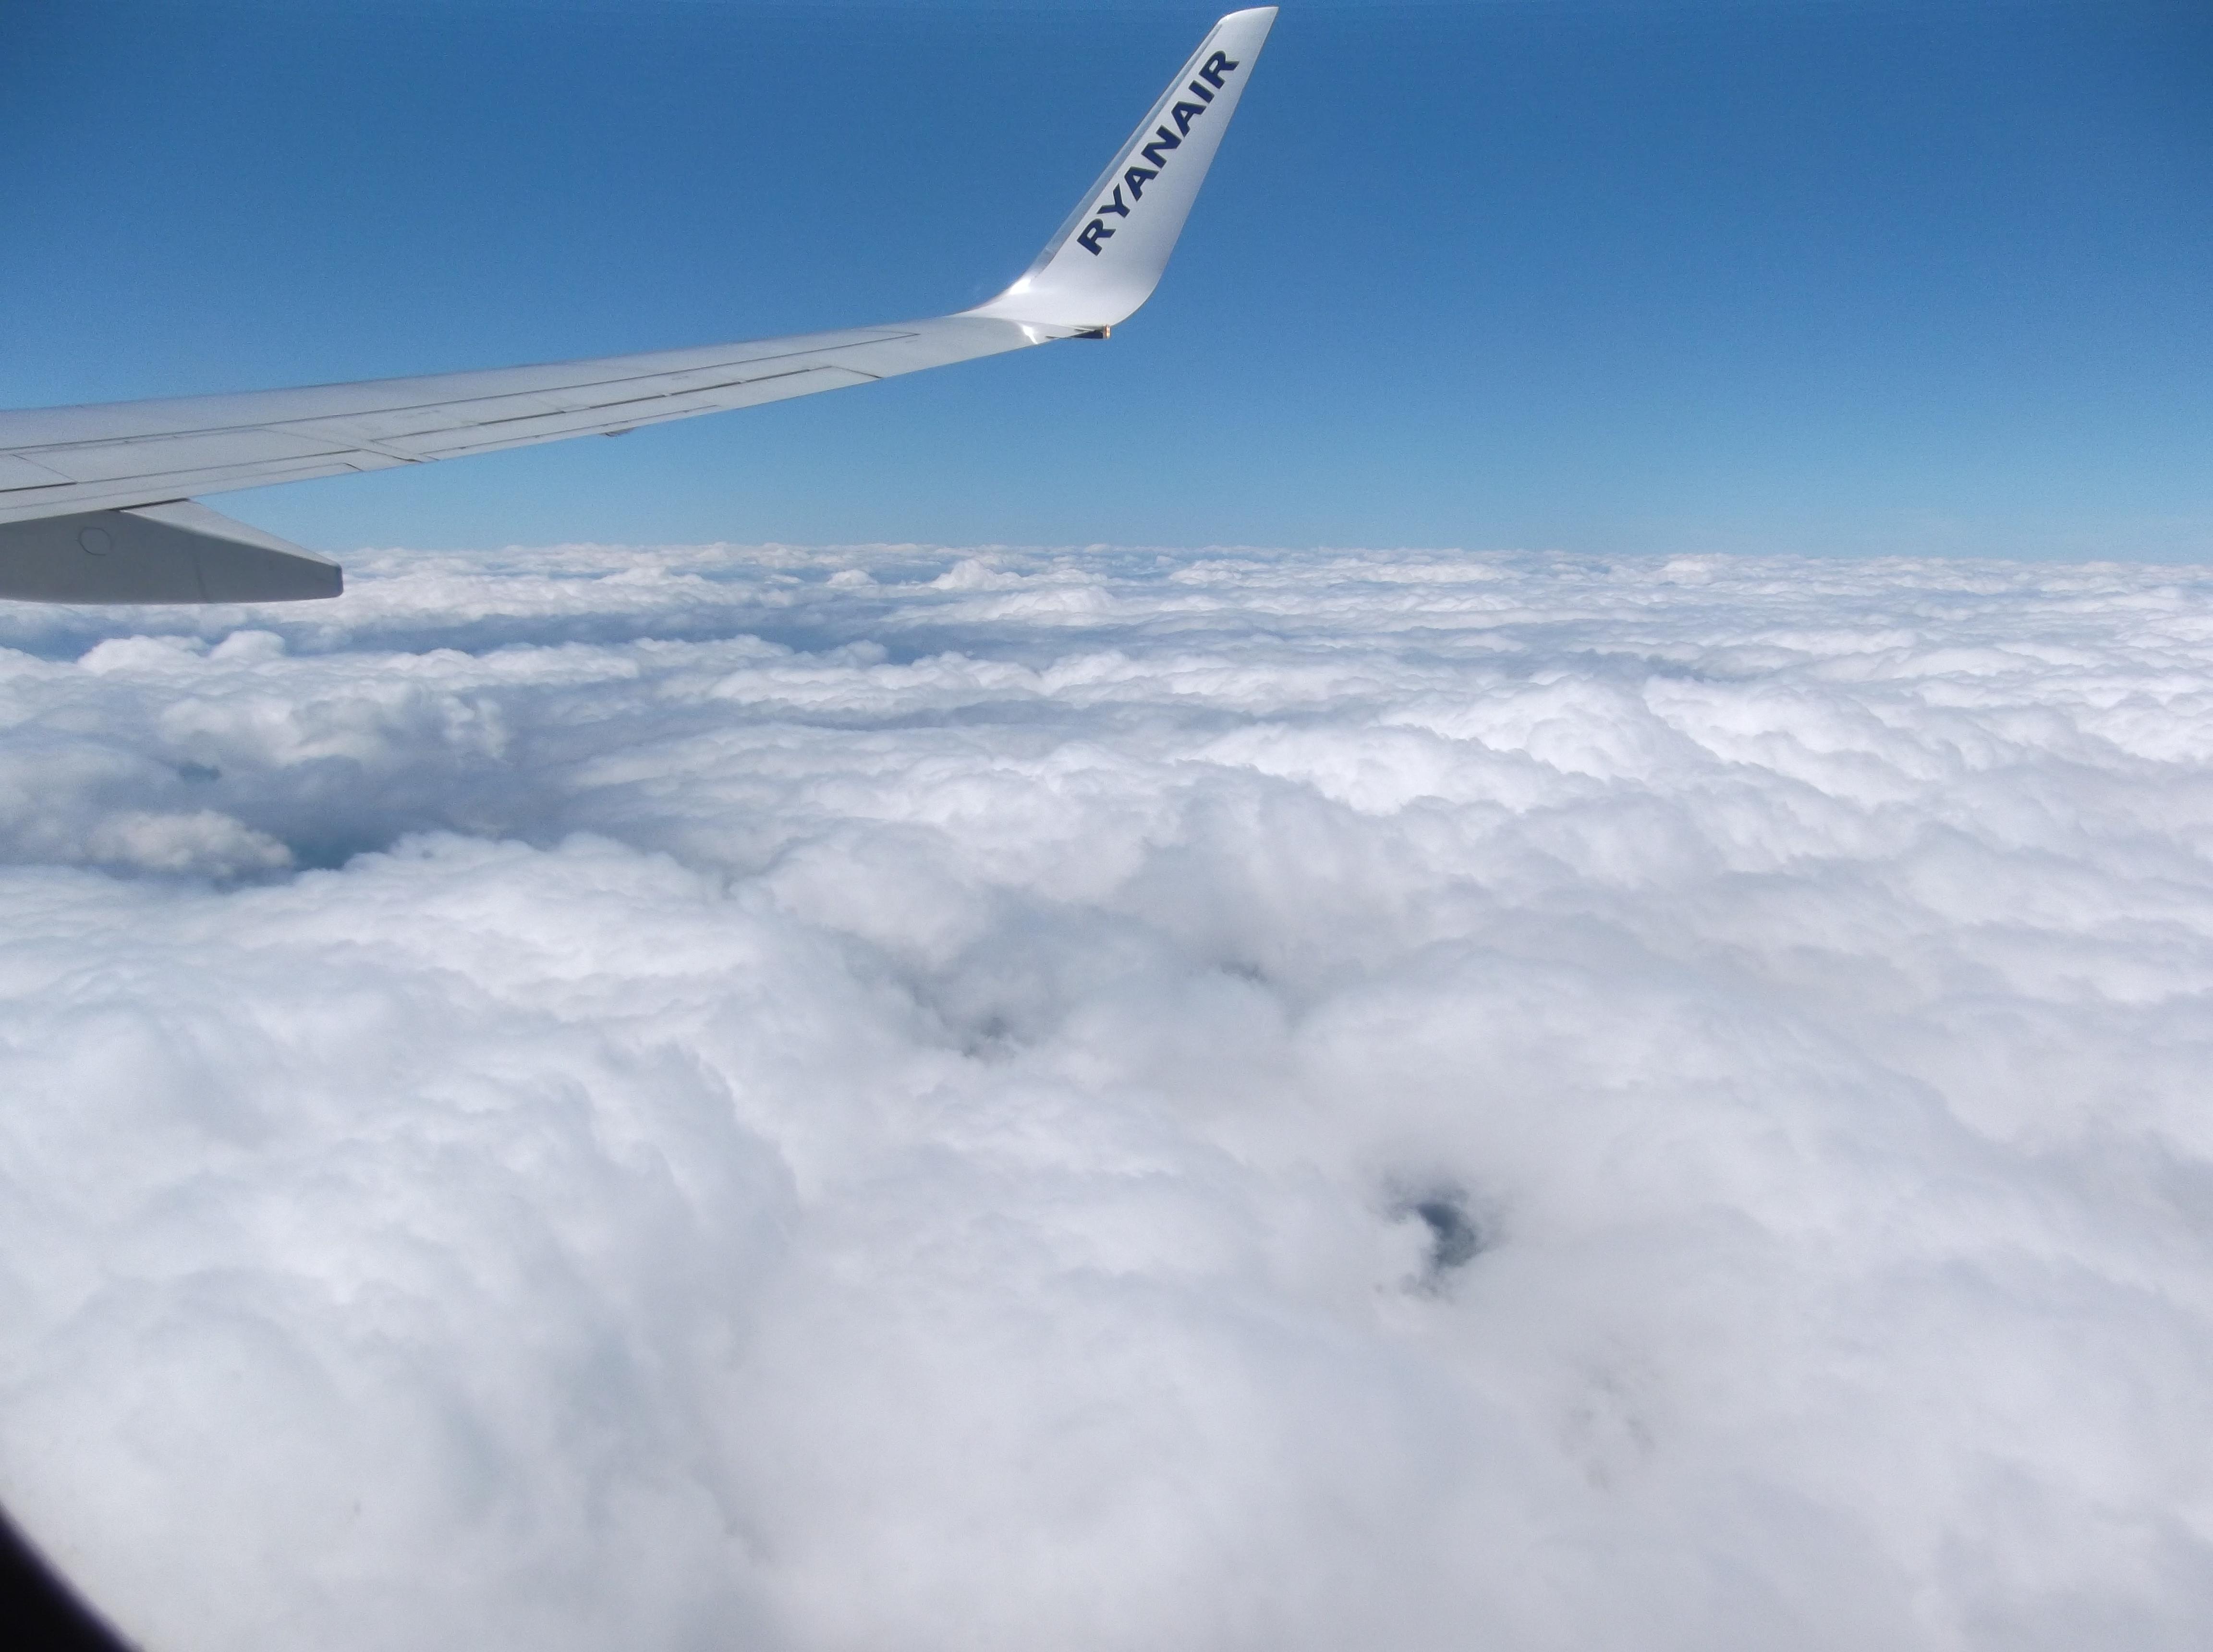 Vue depuis l'avion avec Ryanair